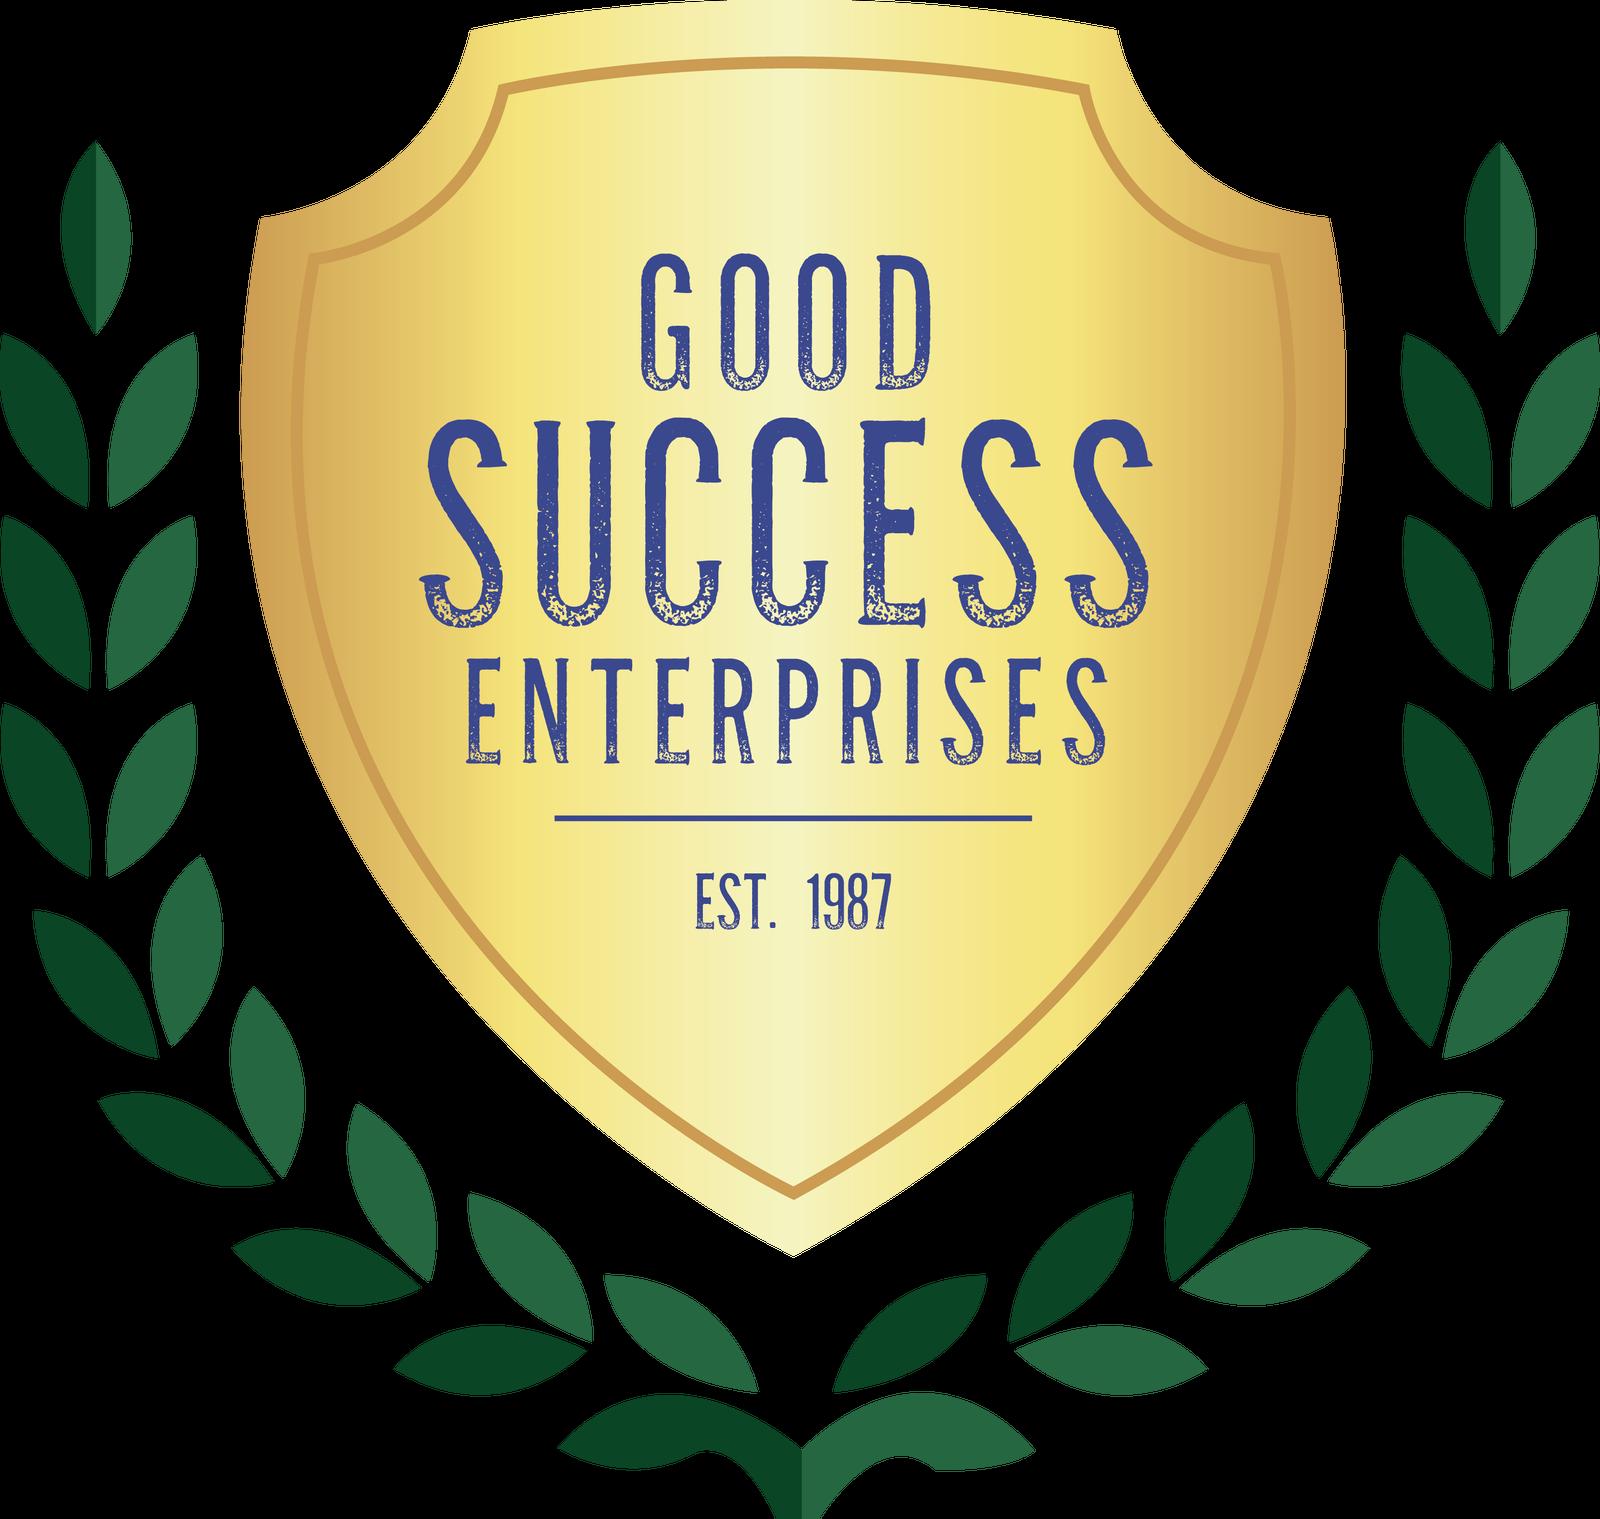 Good Success Enterprises